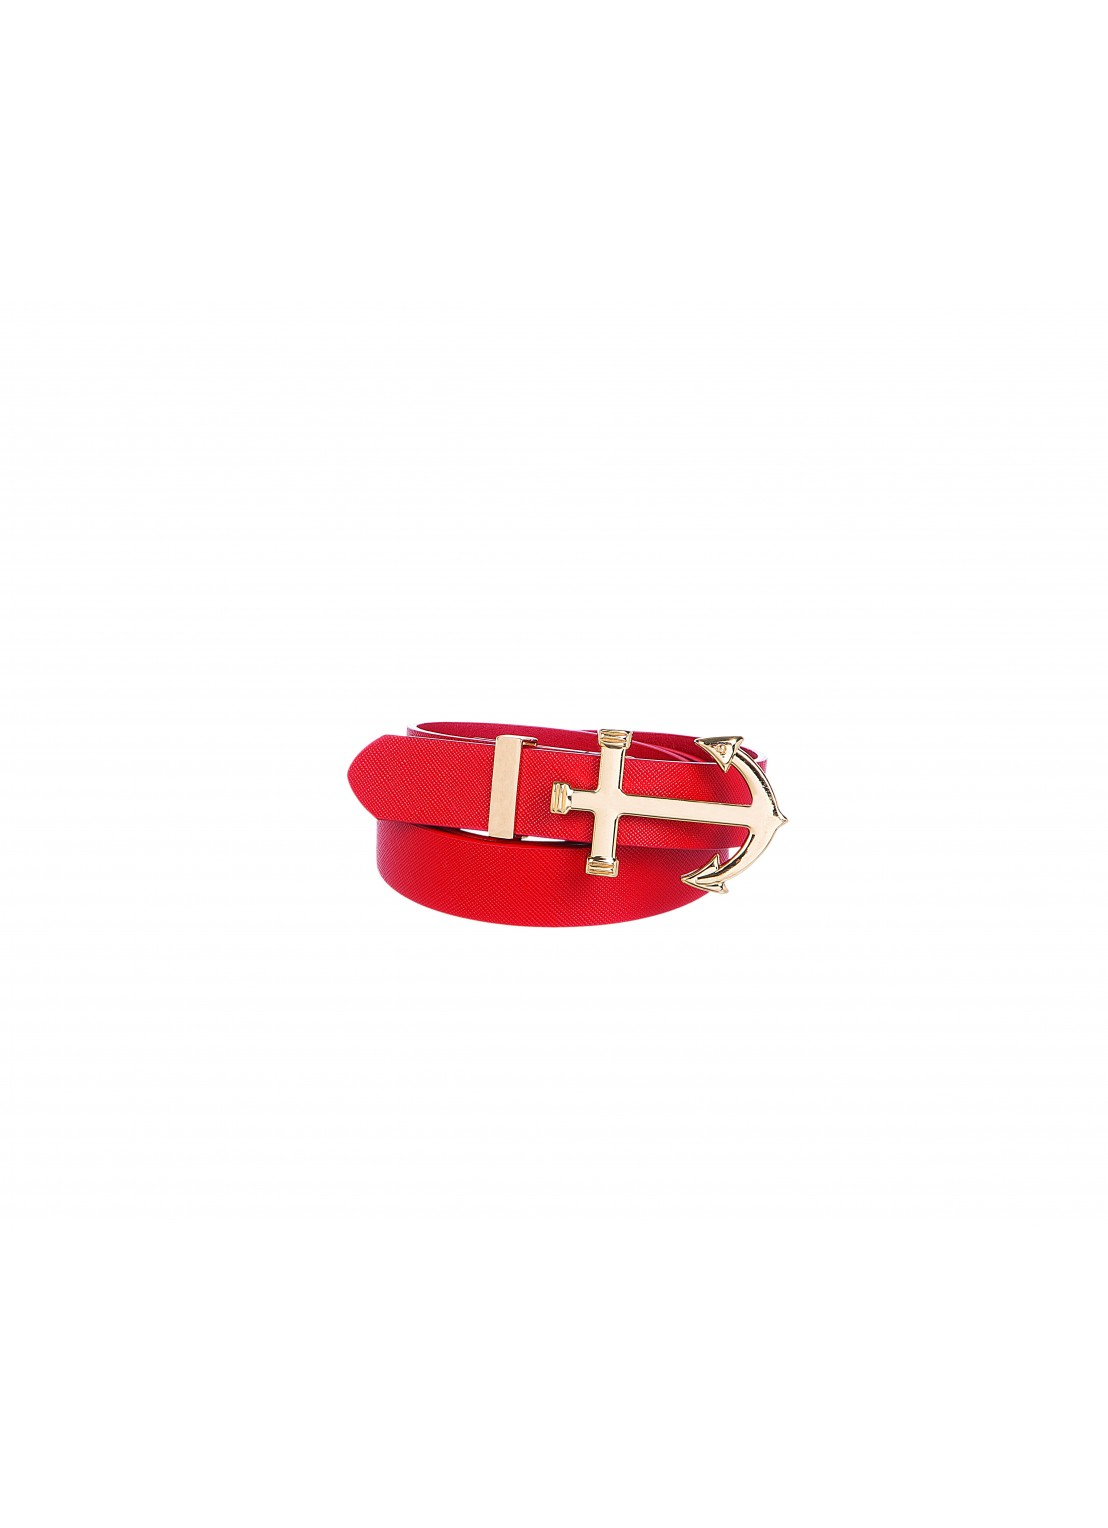 Cinturón-delgado rojo